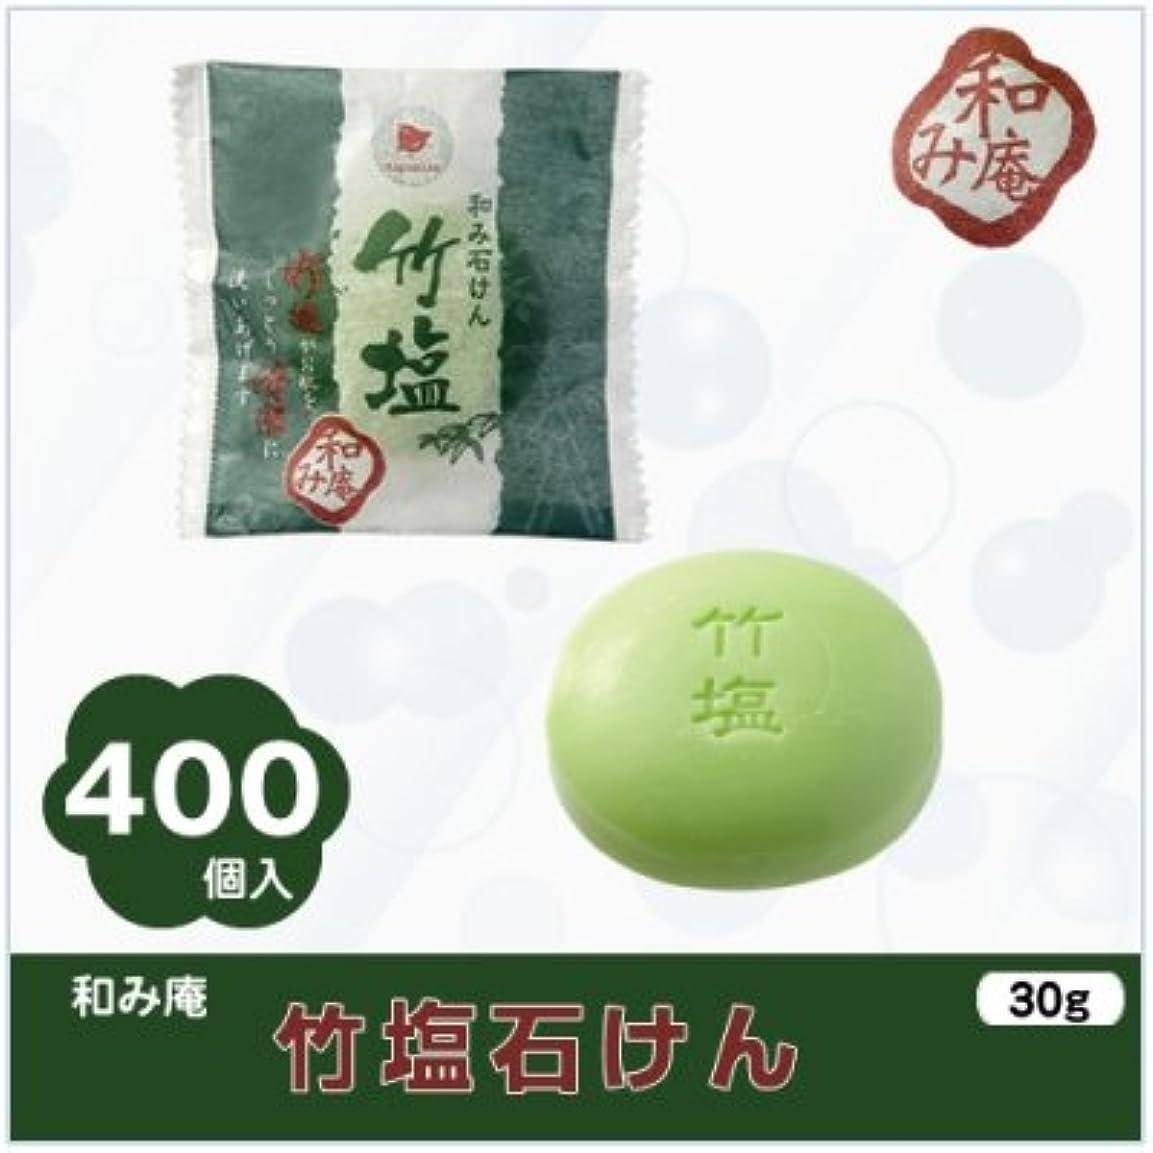 大使厄介な流行和み庵 竹塩石鹸 30g (120個1セット)